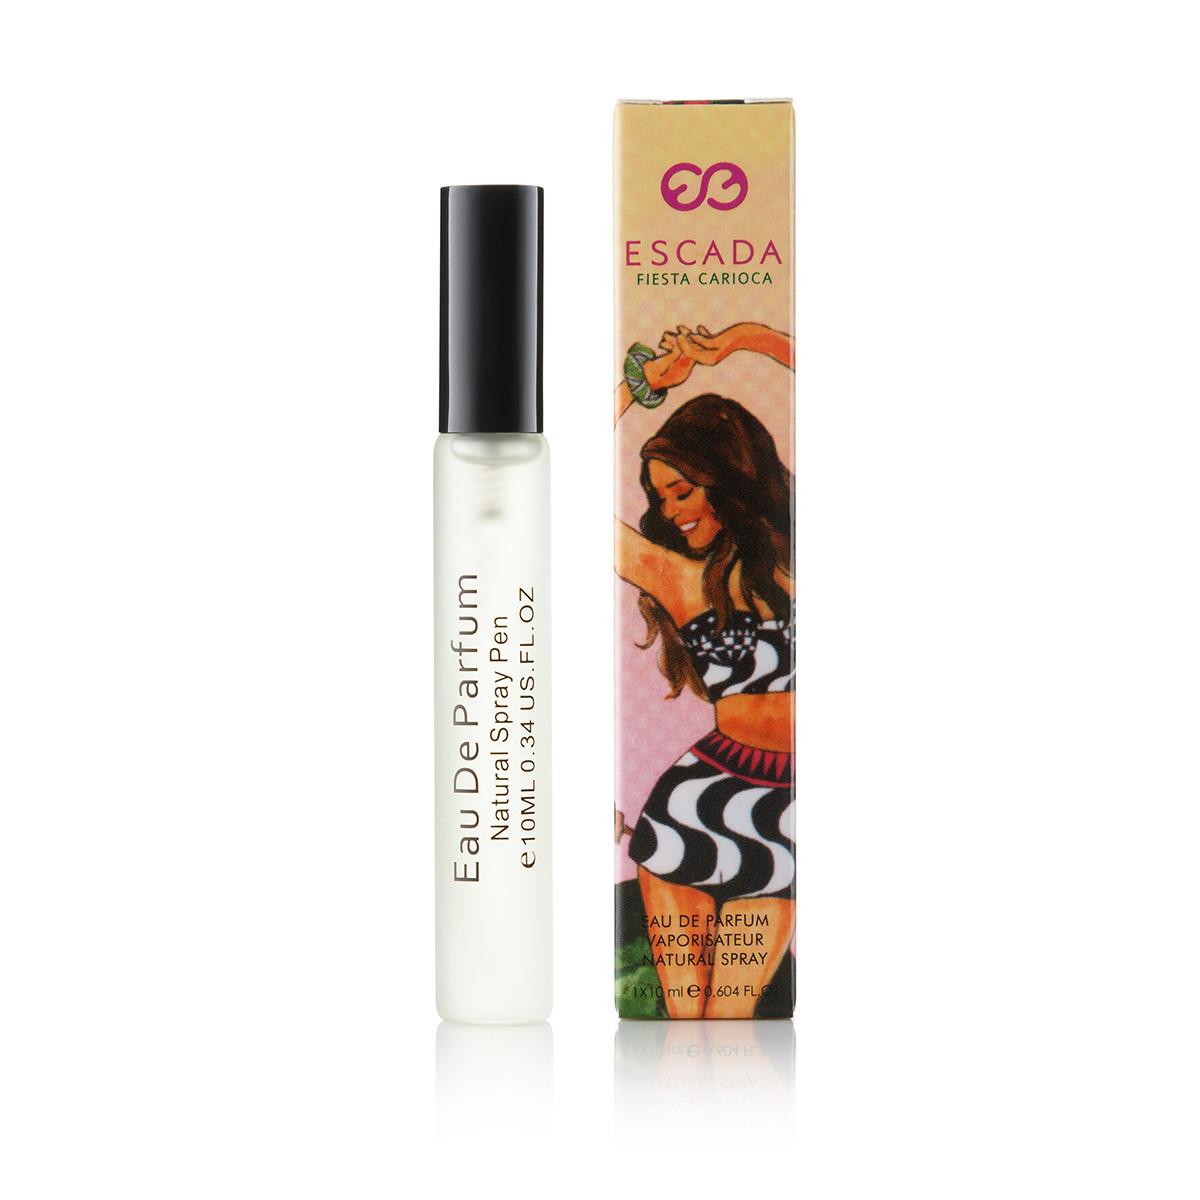 Женские мини спрей-парфюм ручка Escada Fiesta Carioca - 10 мл Д- 35